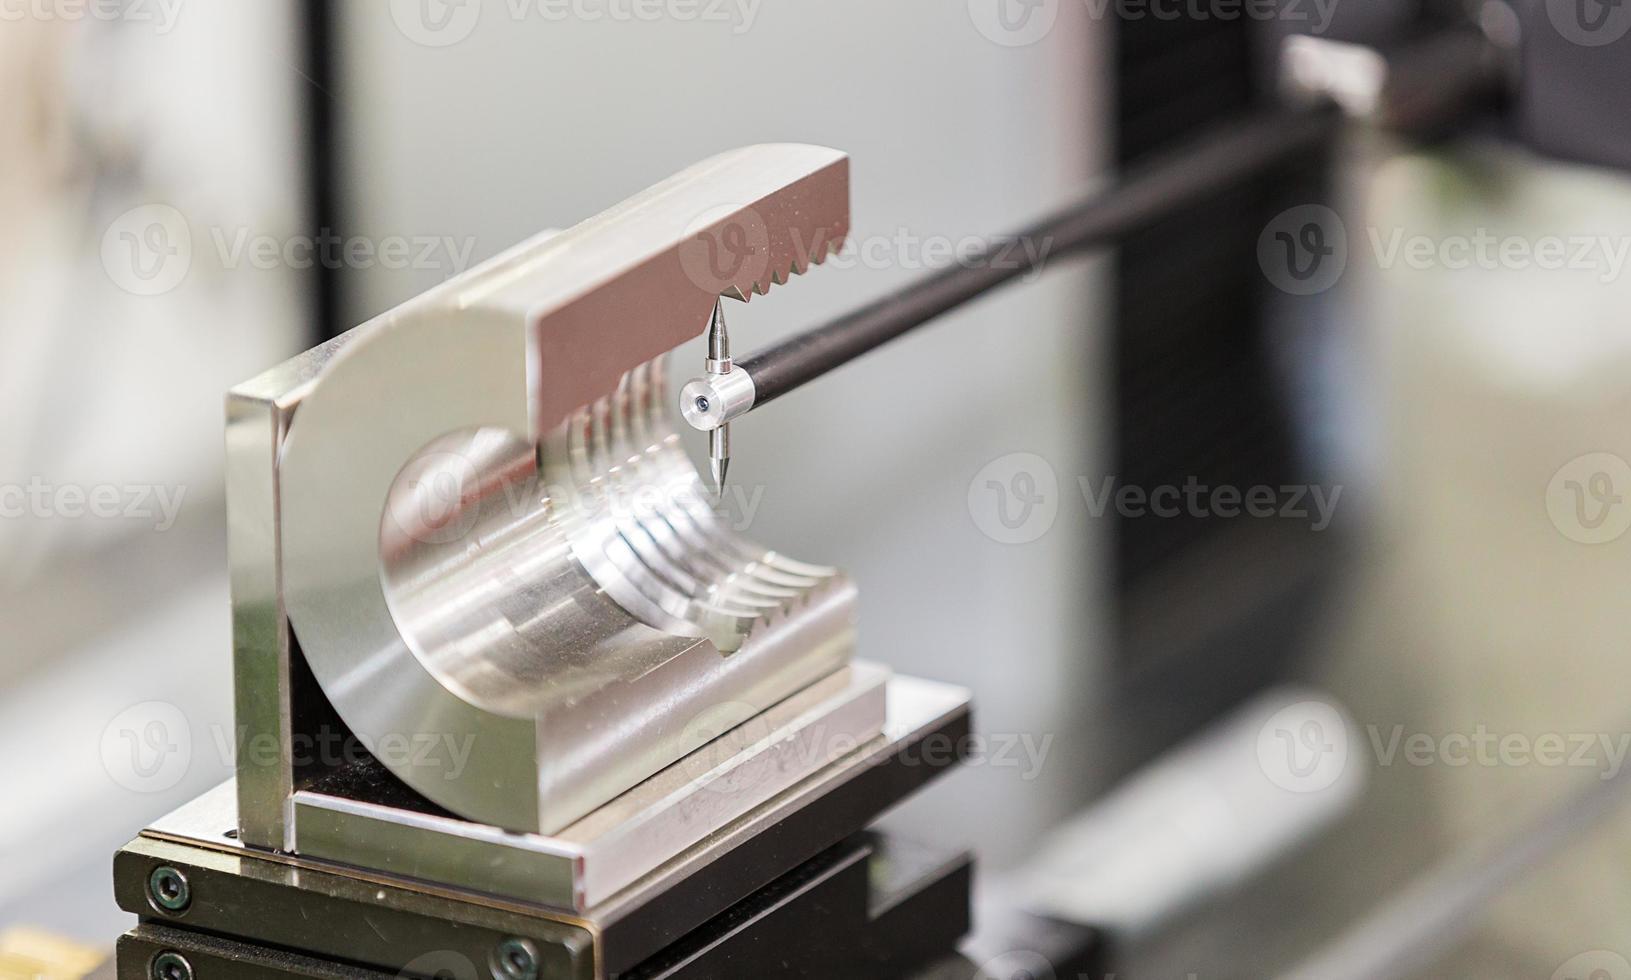 inspeção de peças automotivas por máquina de medição de contorno foto